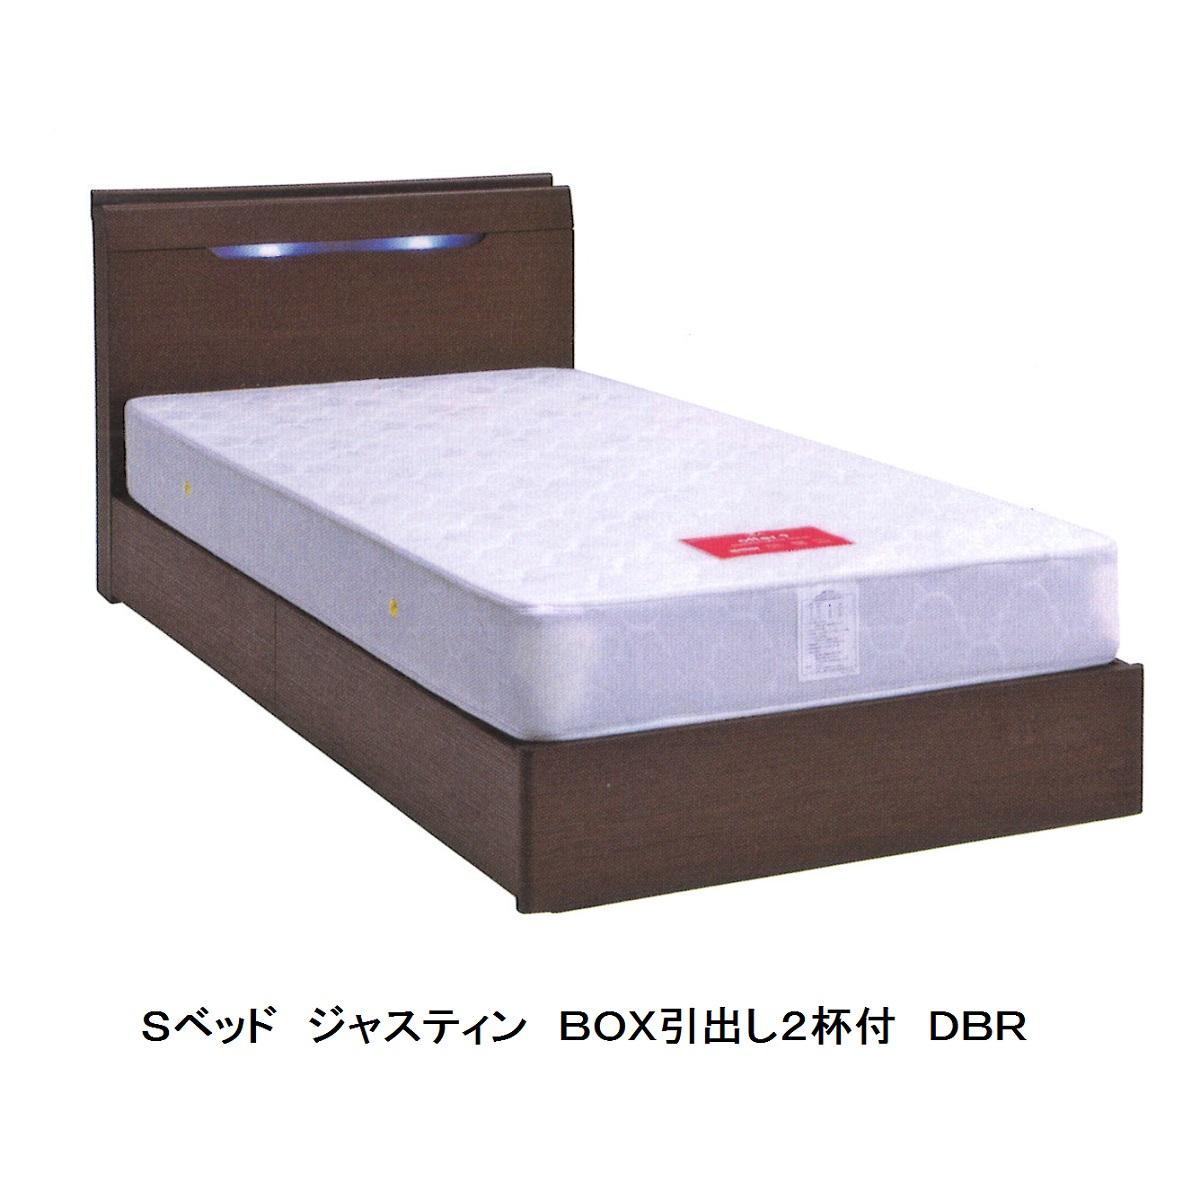 シングルベッド ジャスティンキャビネットタイプ2色対応(DBR・NA)床板:布張り材質:MDF・強化シートLEDライト付、コンセント付BOX引出し2杯スライドレール付マット別要在庫確認